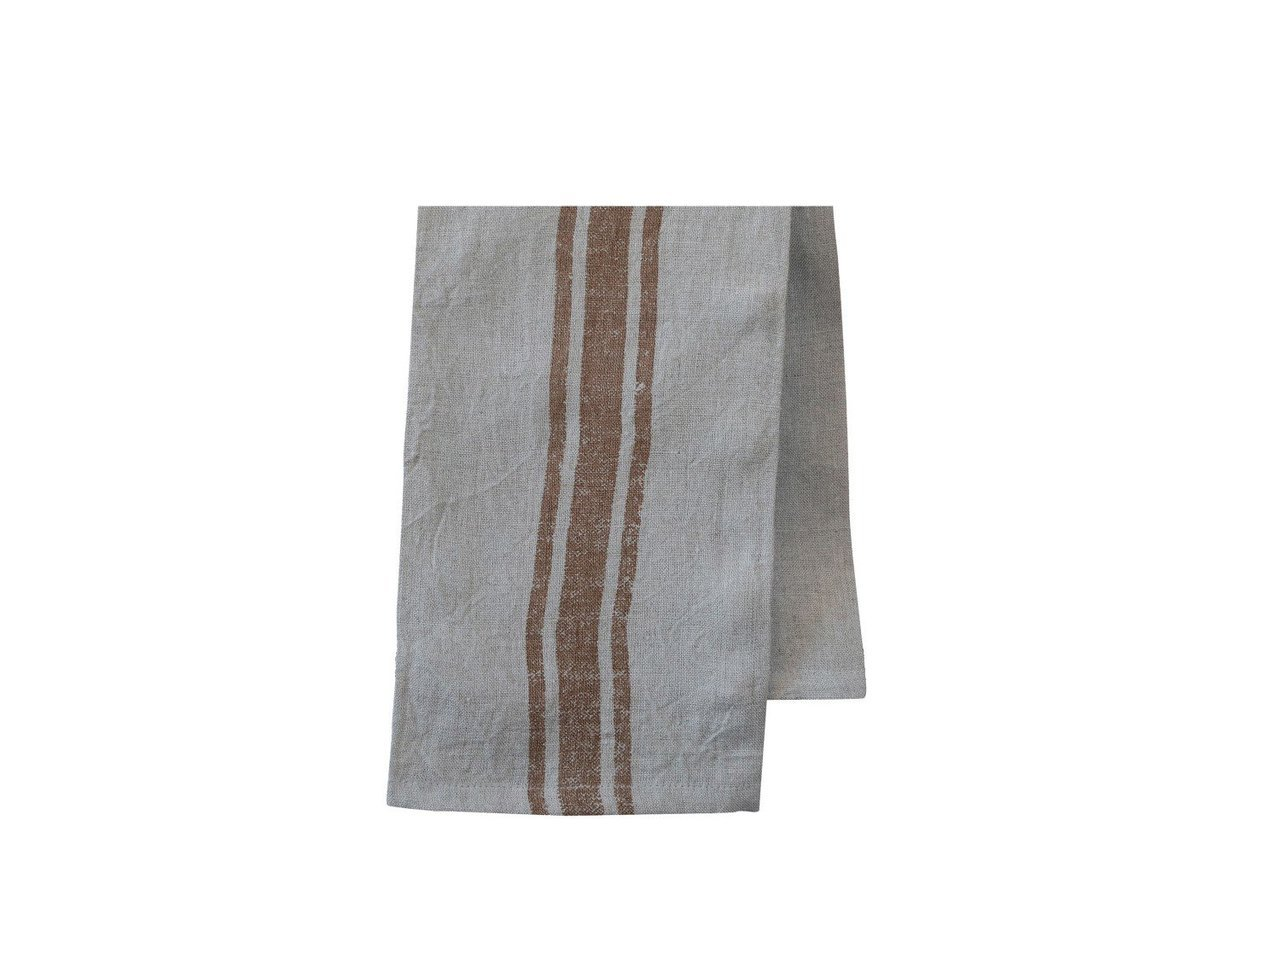 Chic Antique Geschirrhandtuch mit Barchent Streifen